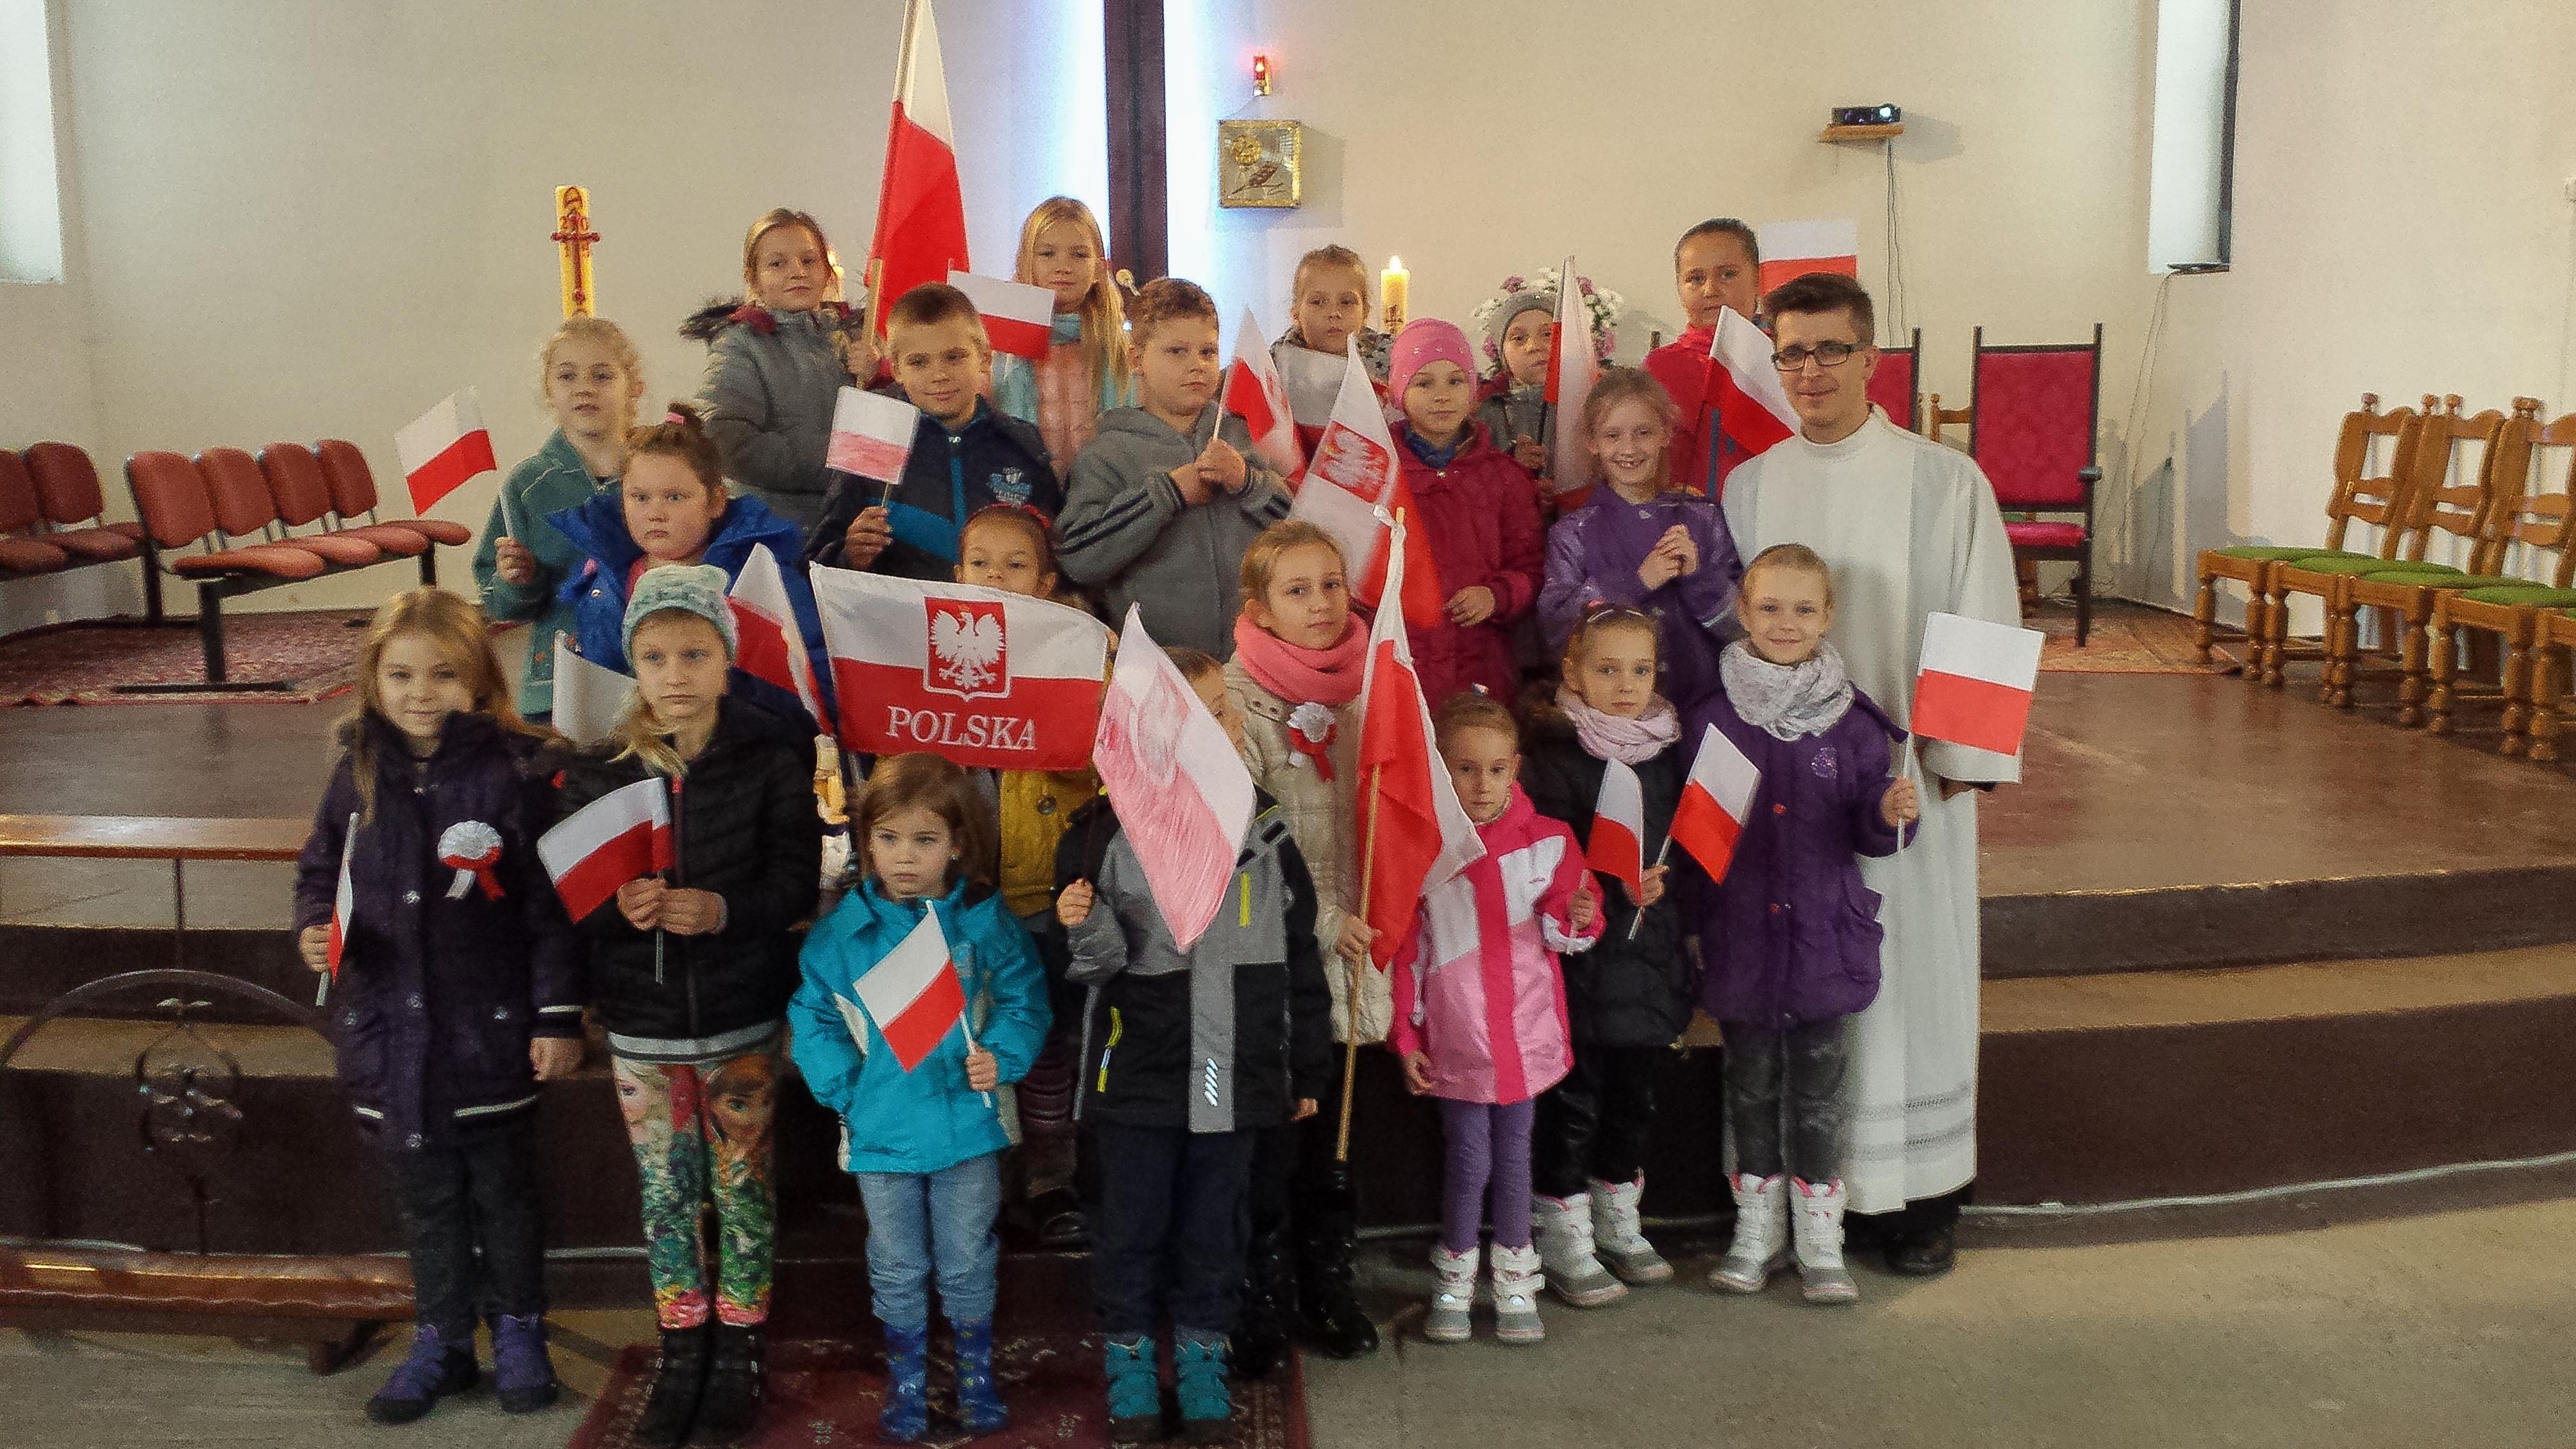 Patriotyzm wśród najmłodszych w św. Krzysztofie...